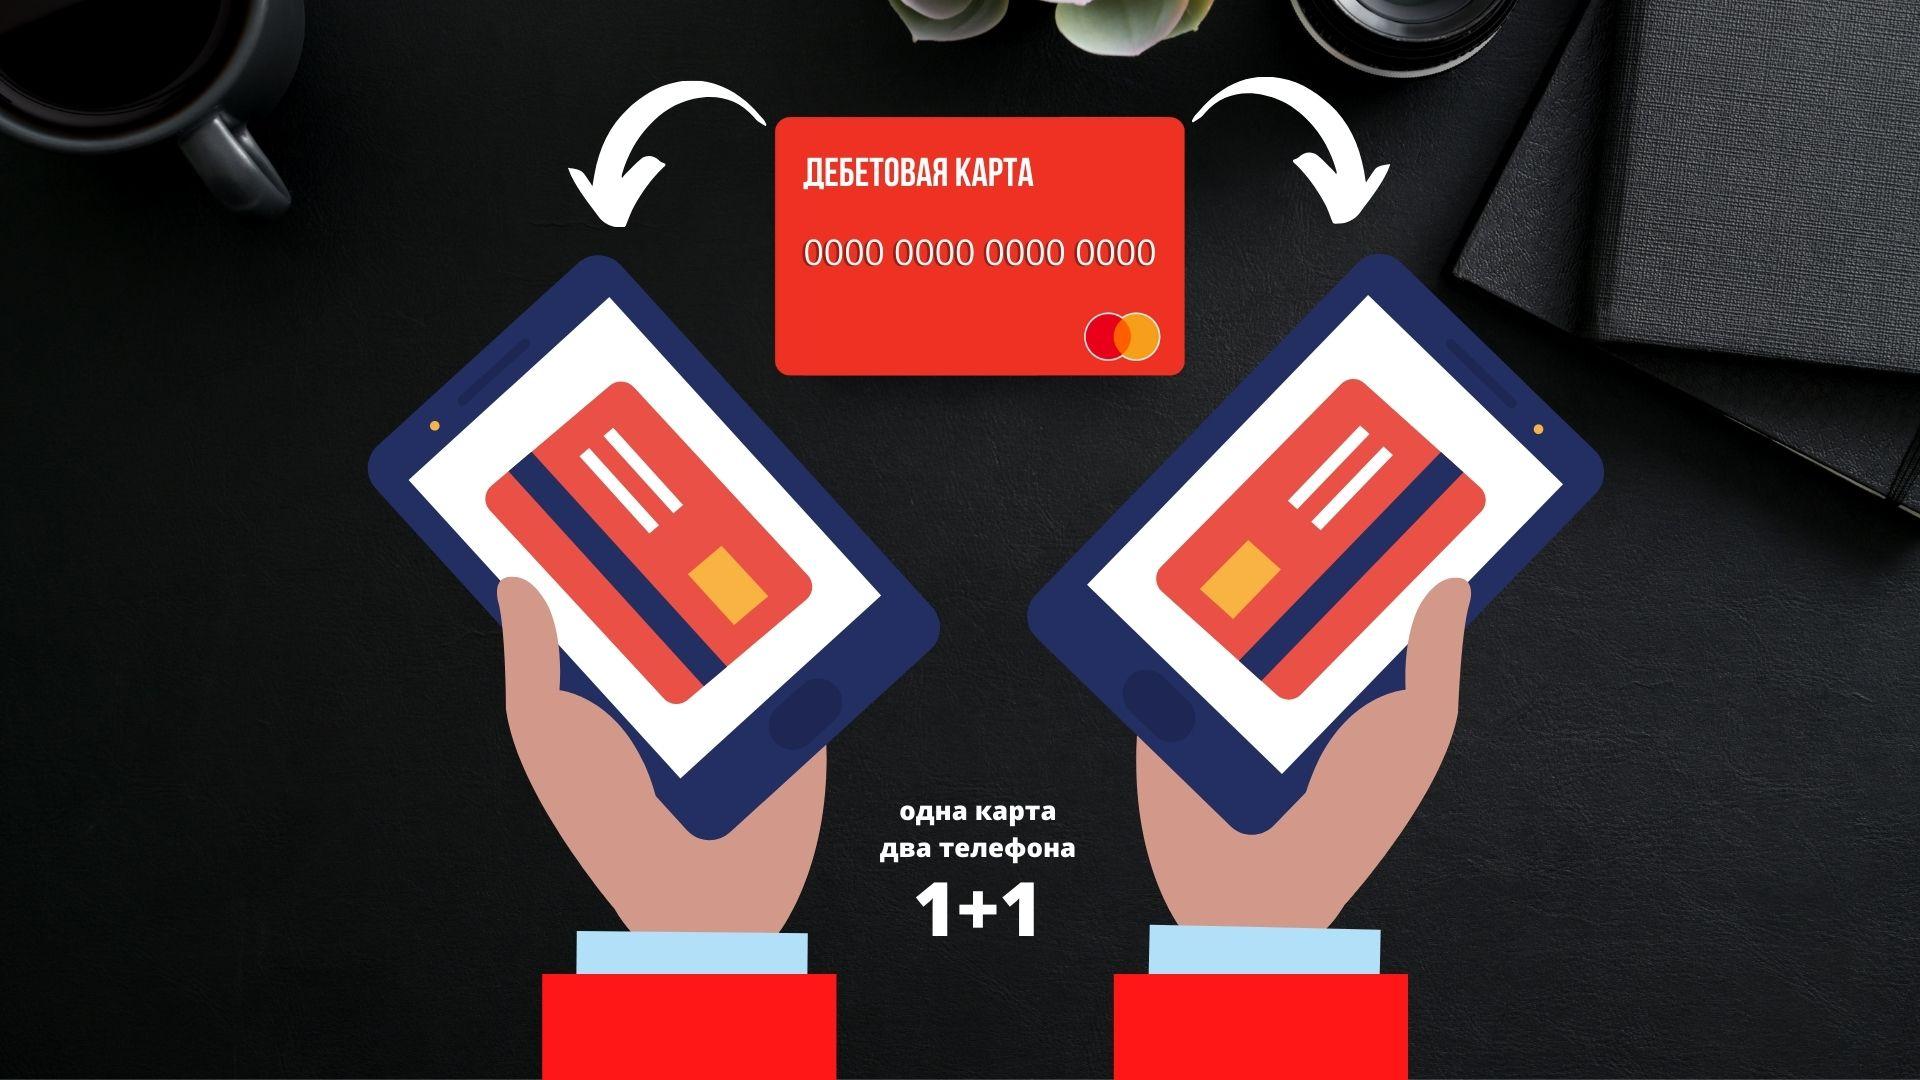 Привязать одну карту к двум телефонам для оплаты